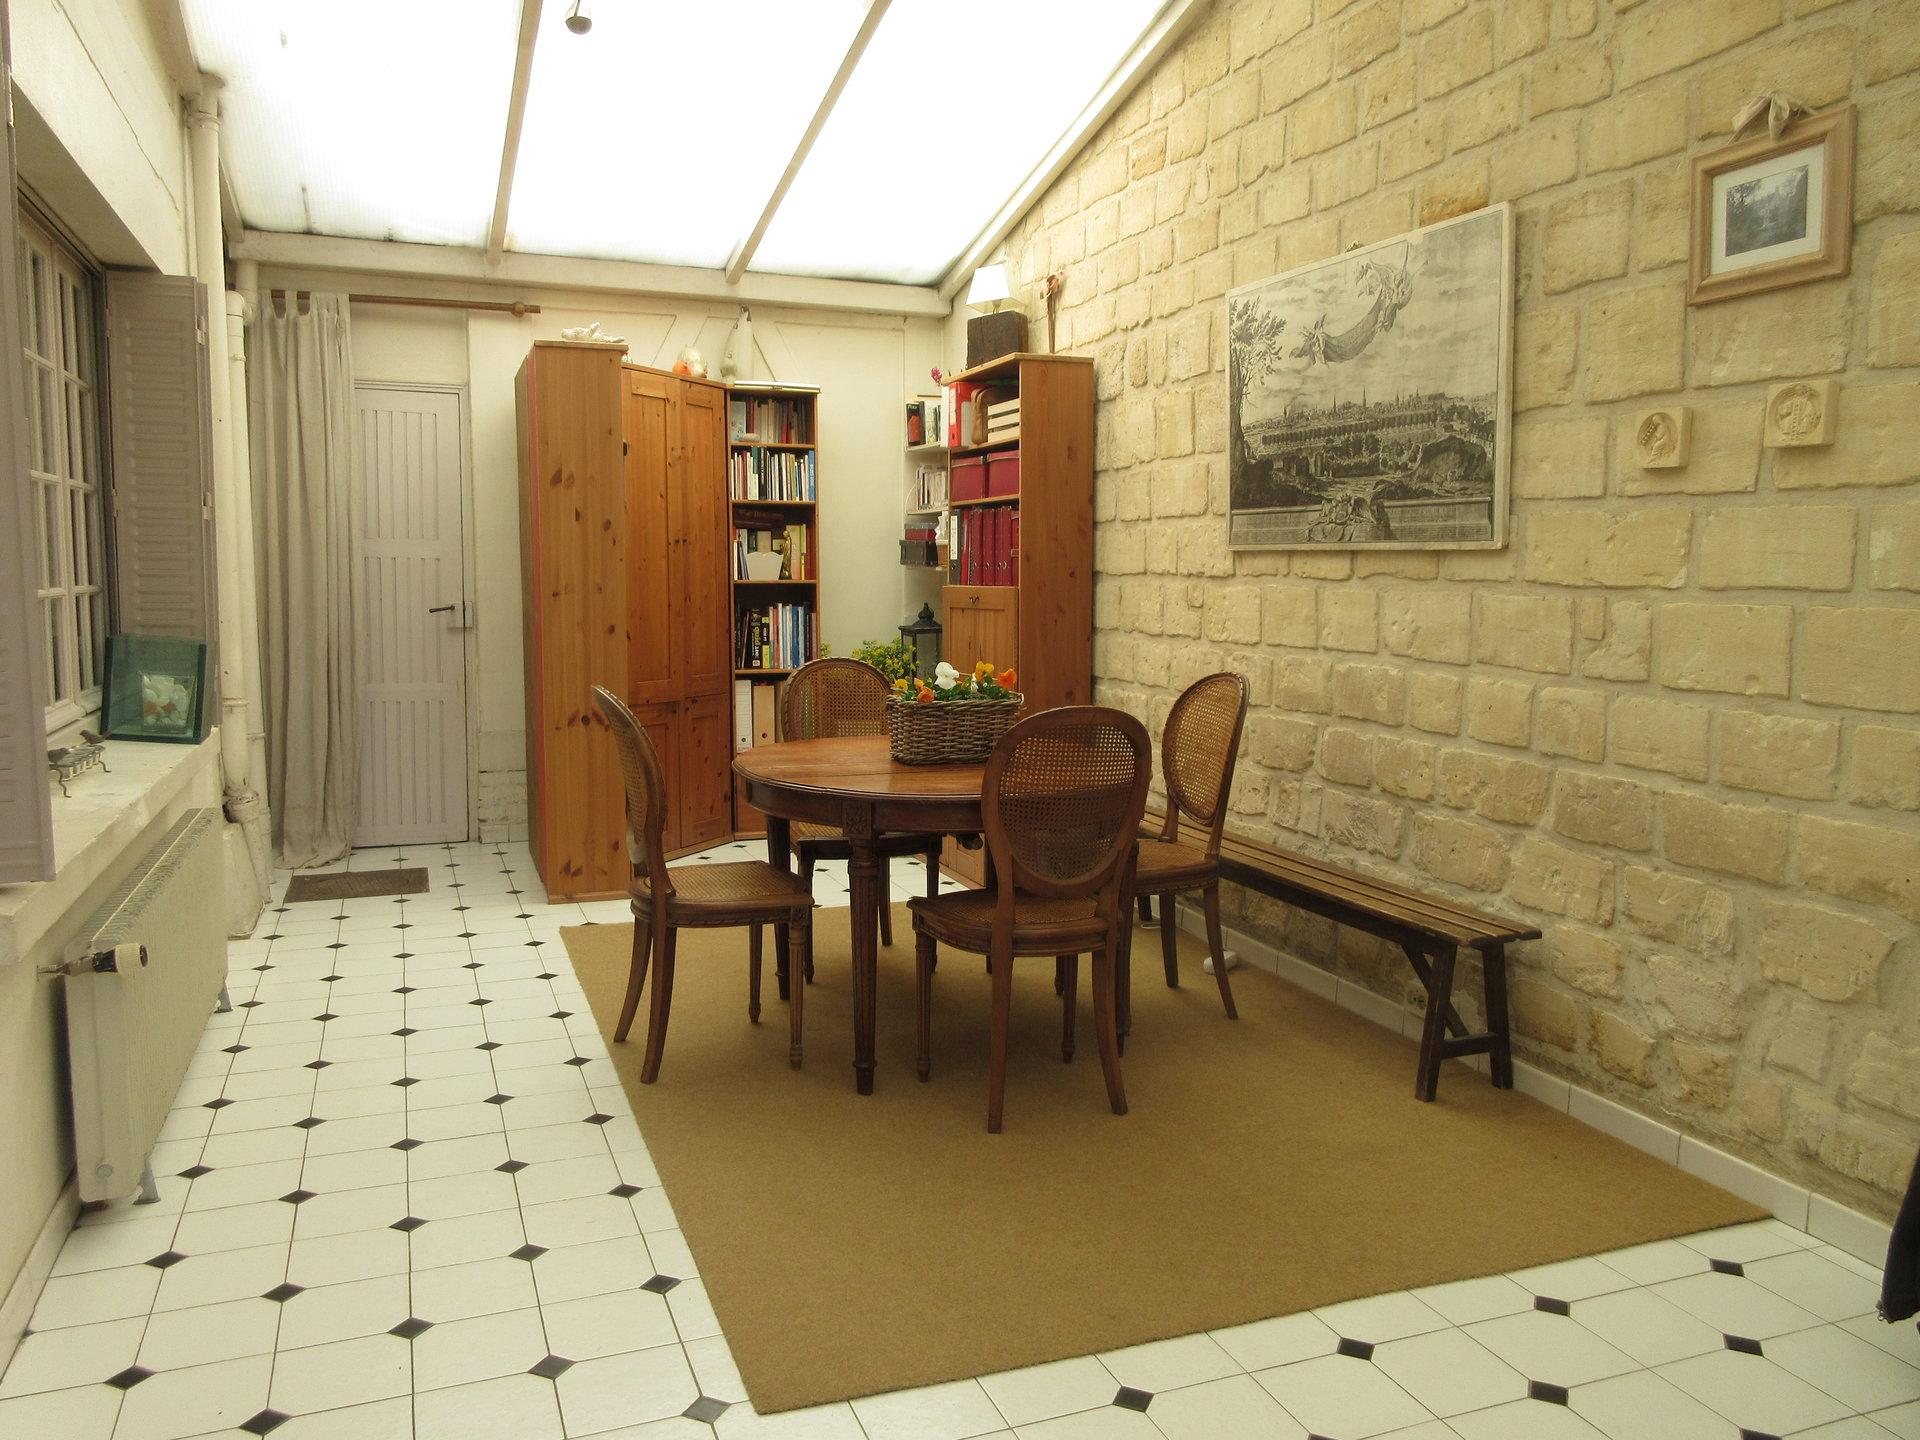 Au coeur de Chatou, maison pleine de charme avec sa cour pavée.